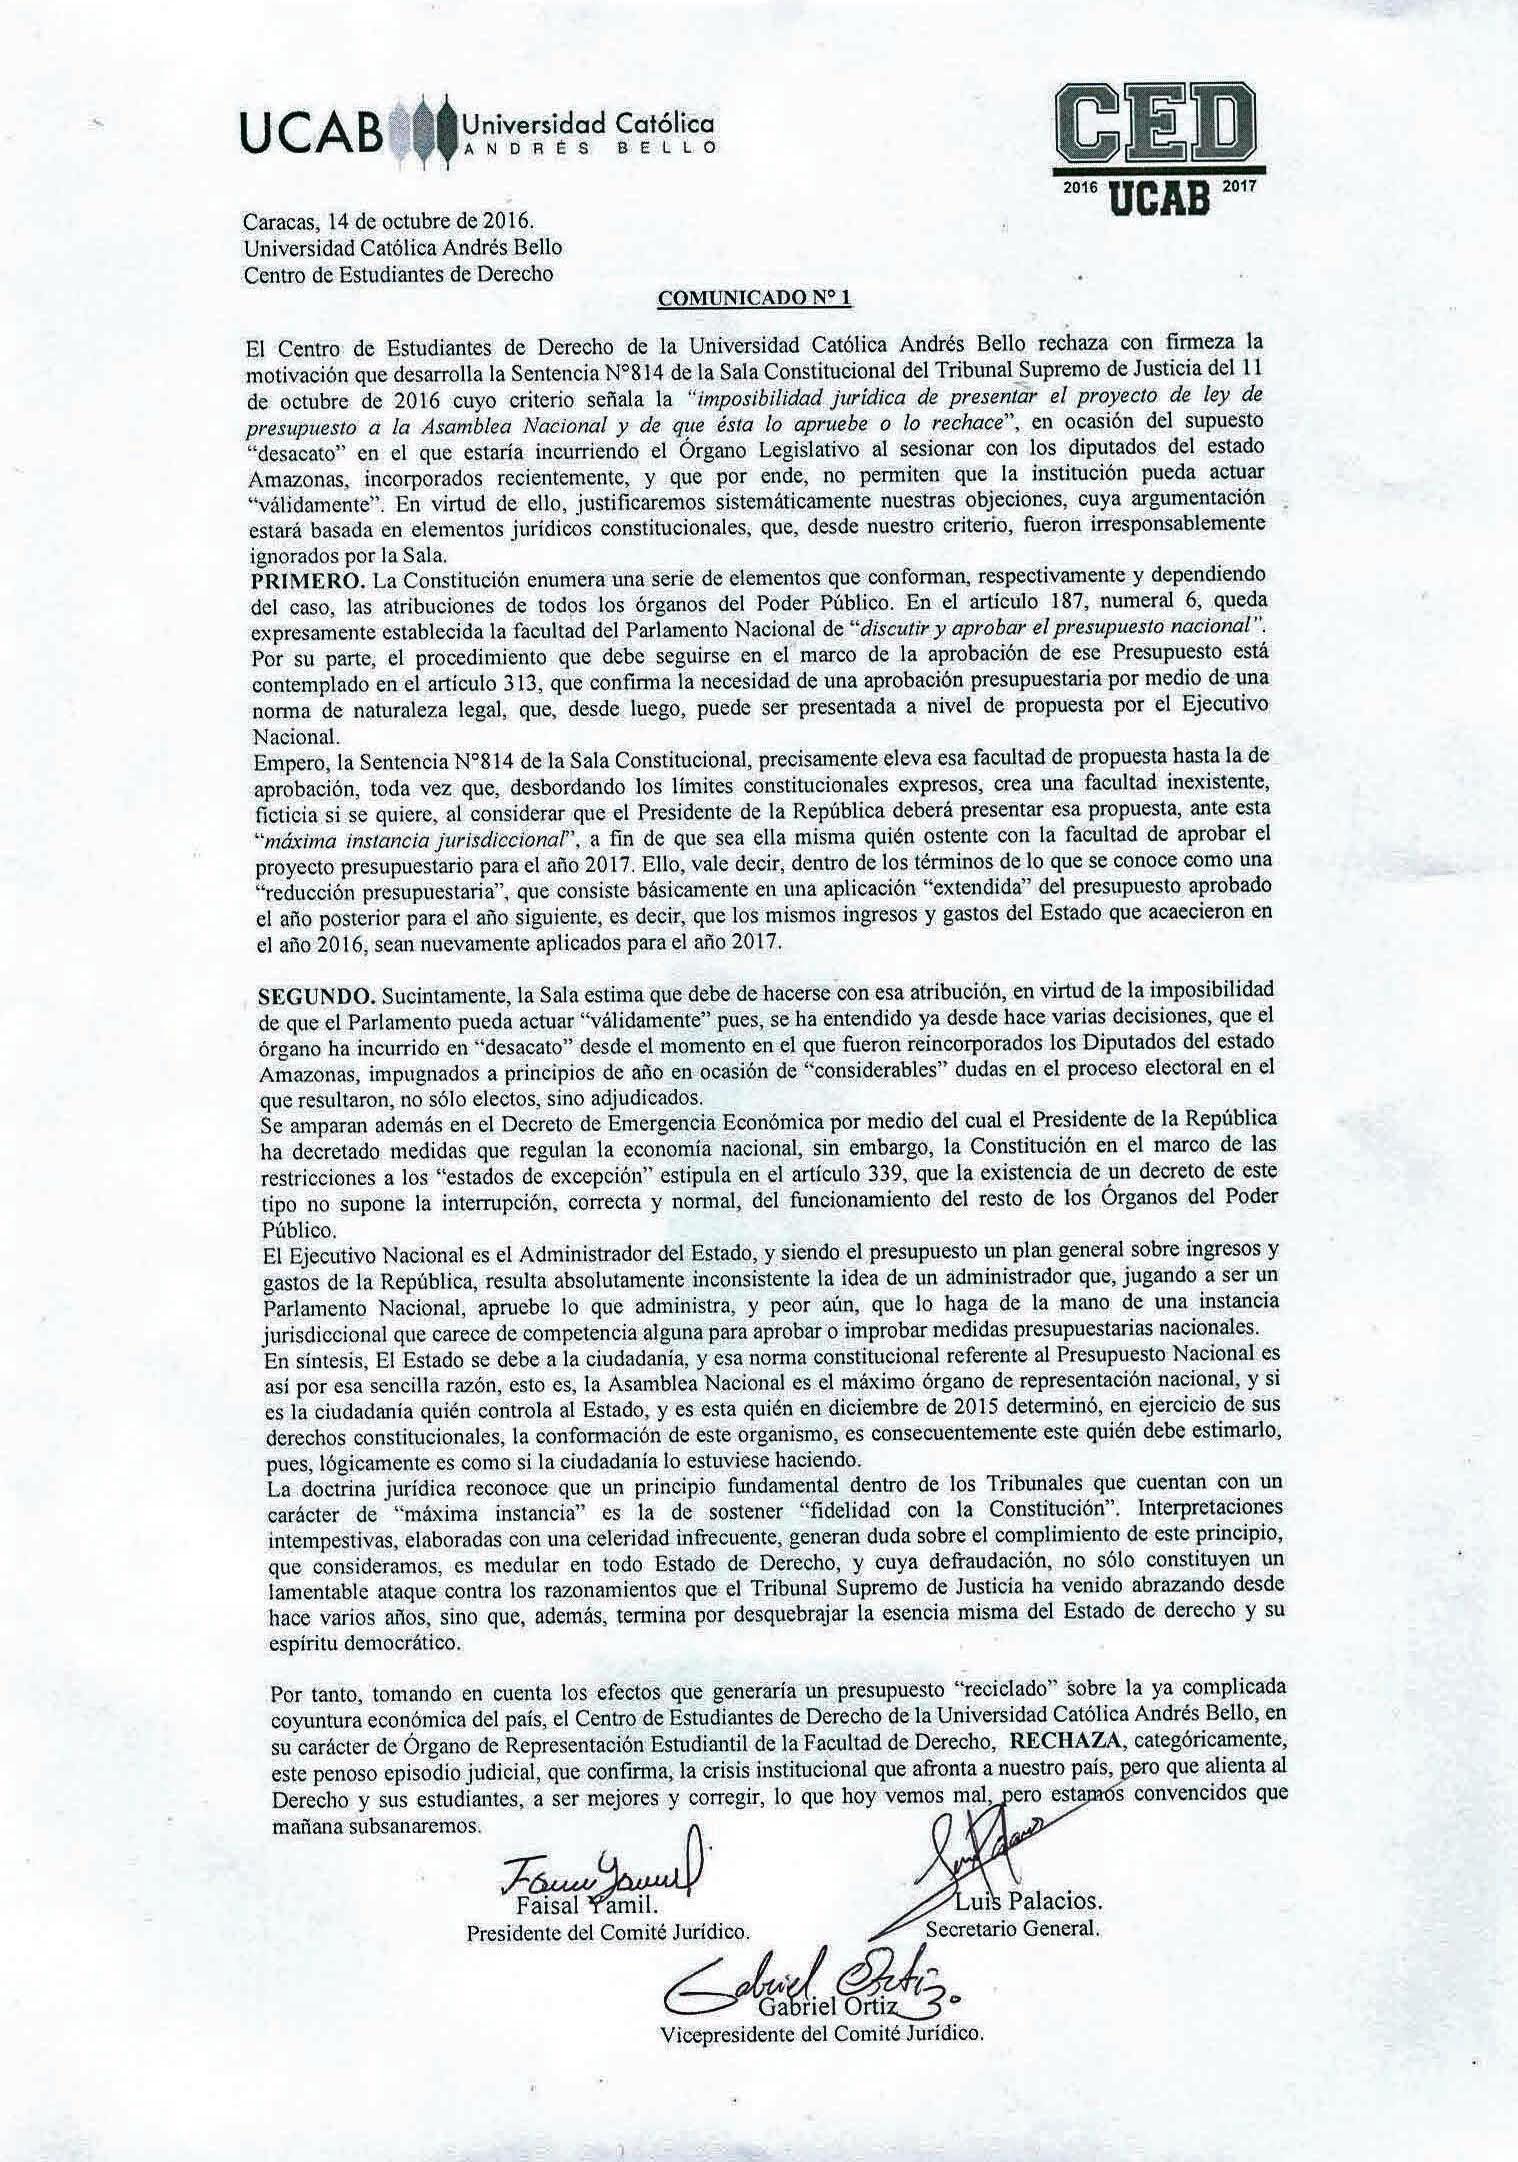 comunicado_nacima20161014_0017_1